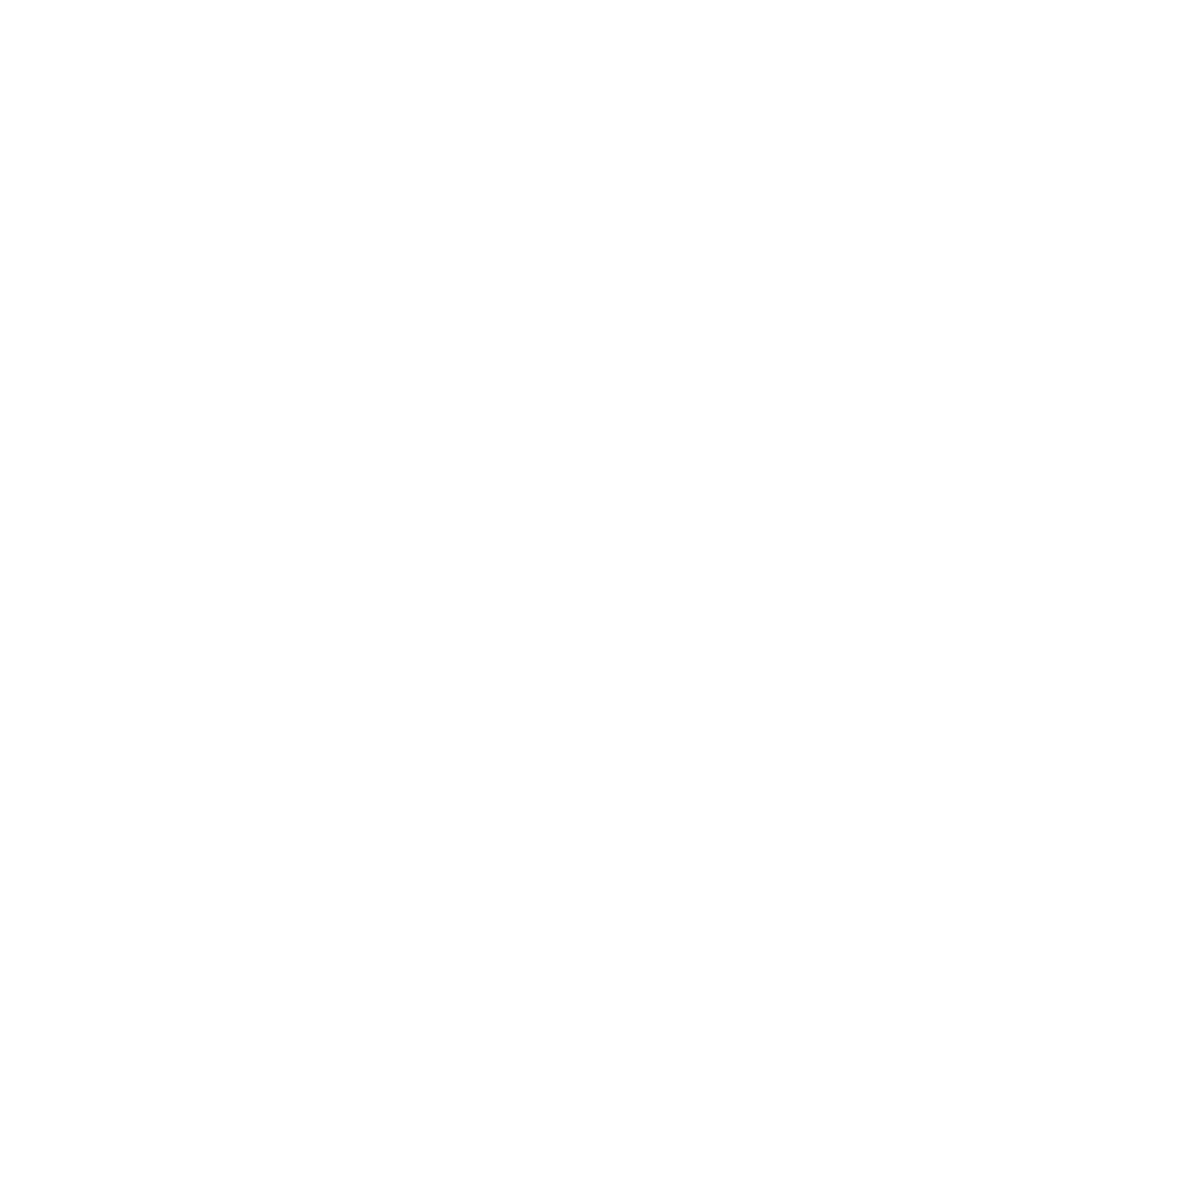 Comite-olympique